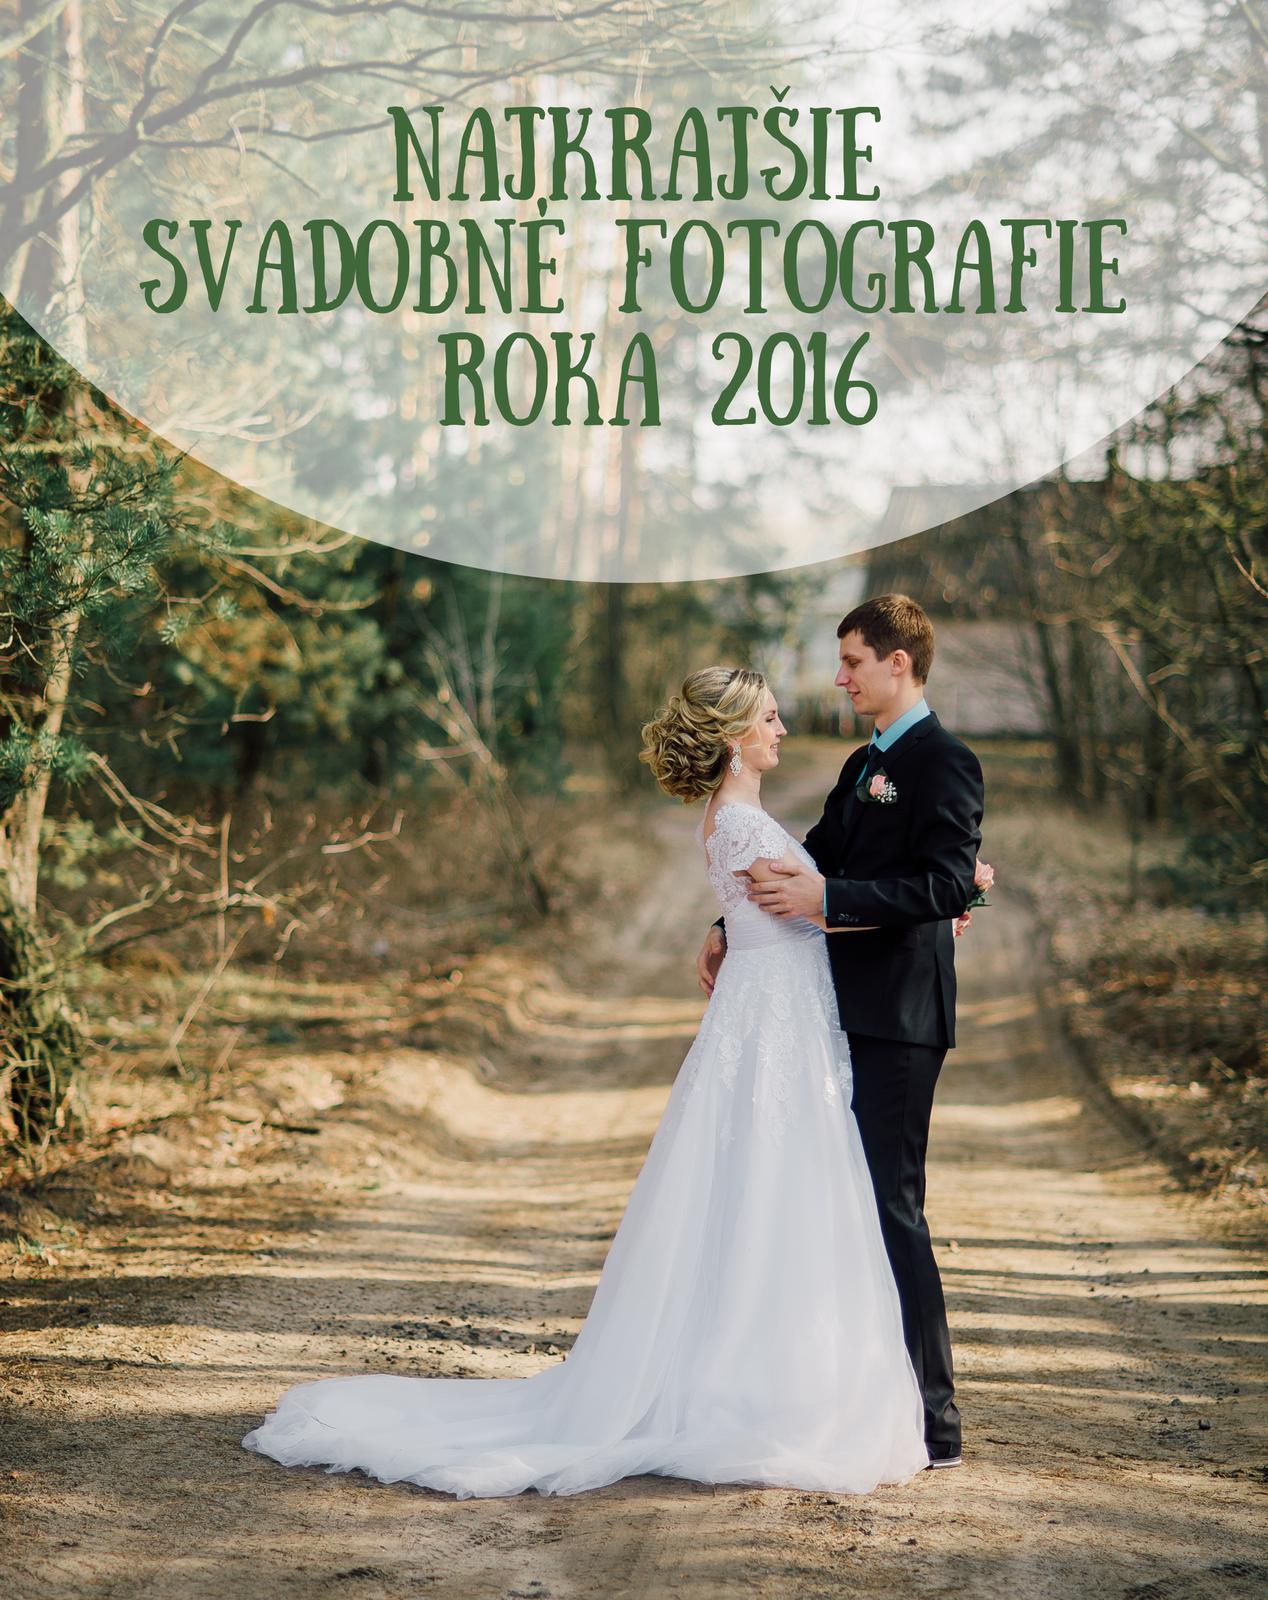 Pripravujem do nášho magazínu článok s najkrajšími svadobnými fotkami neviest roka 2016. Ak chcete byť súčasťou, tak vám zadám náročnú úlohu: vyberte jednu svadobnú fotku, do ktorej ste sa úplne najviac zaľúbili, zverejnite ju vo svojom fotoblogu spolu s označením #mojanaj a môžete pridať aj pár slov o tom, prečo práve táto fotka :) Vytvorme si krásnu zbierku toho najlepšieho, čo sa medzi nami tento rok udialo :) - Obrázok č. 1